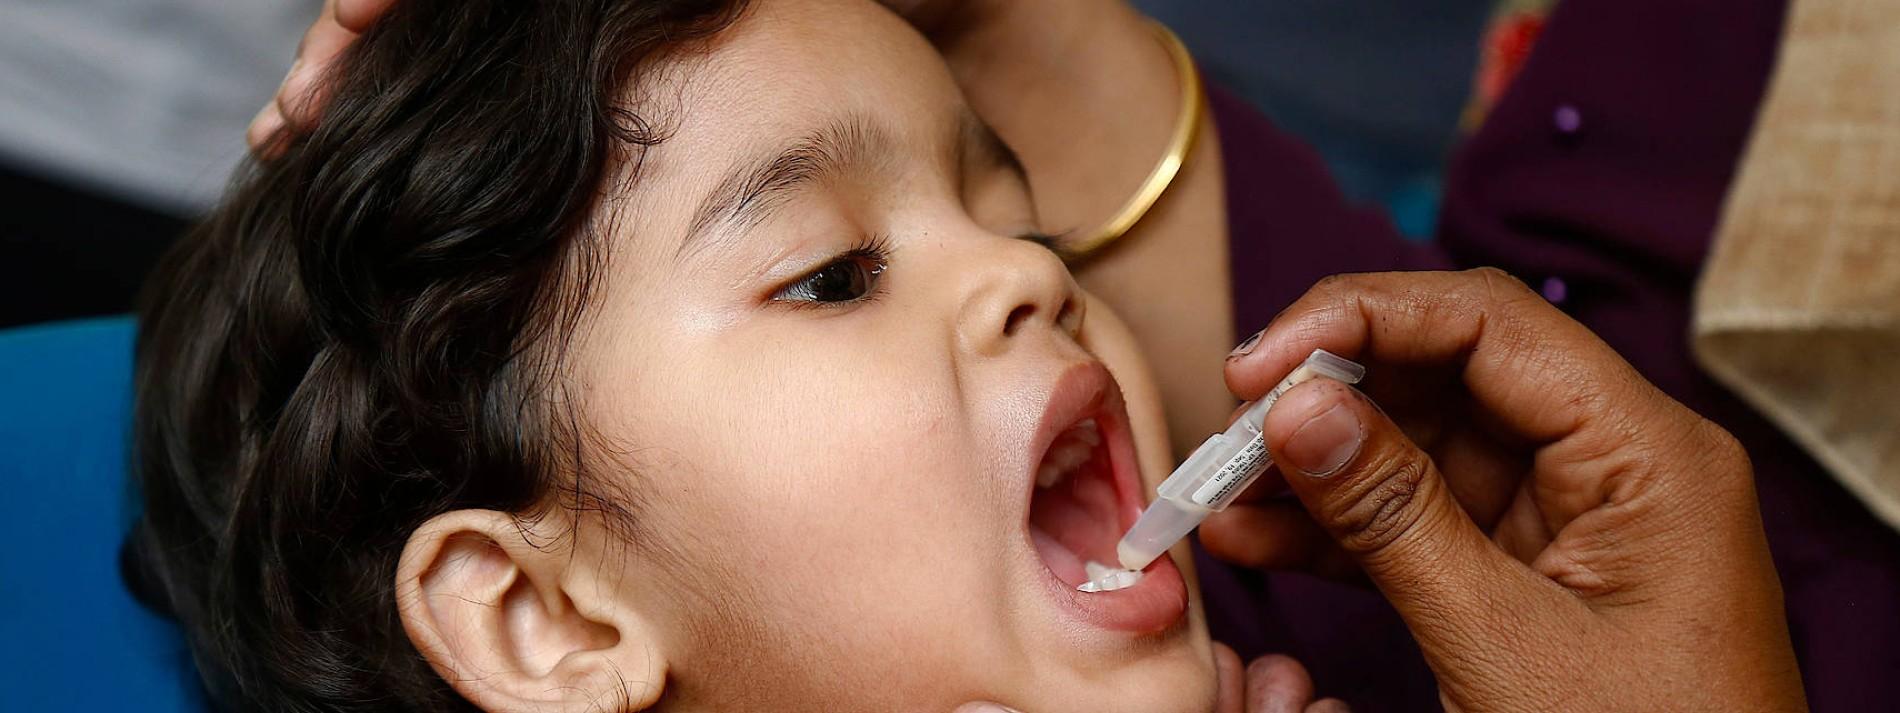 Milliarden für globale Impf-Offensive